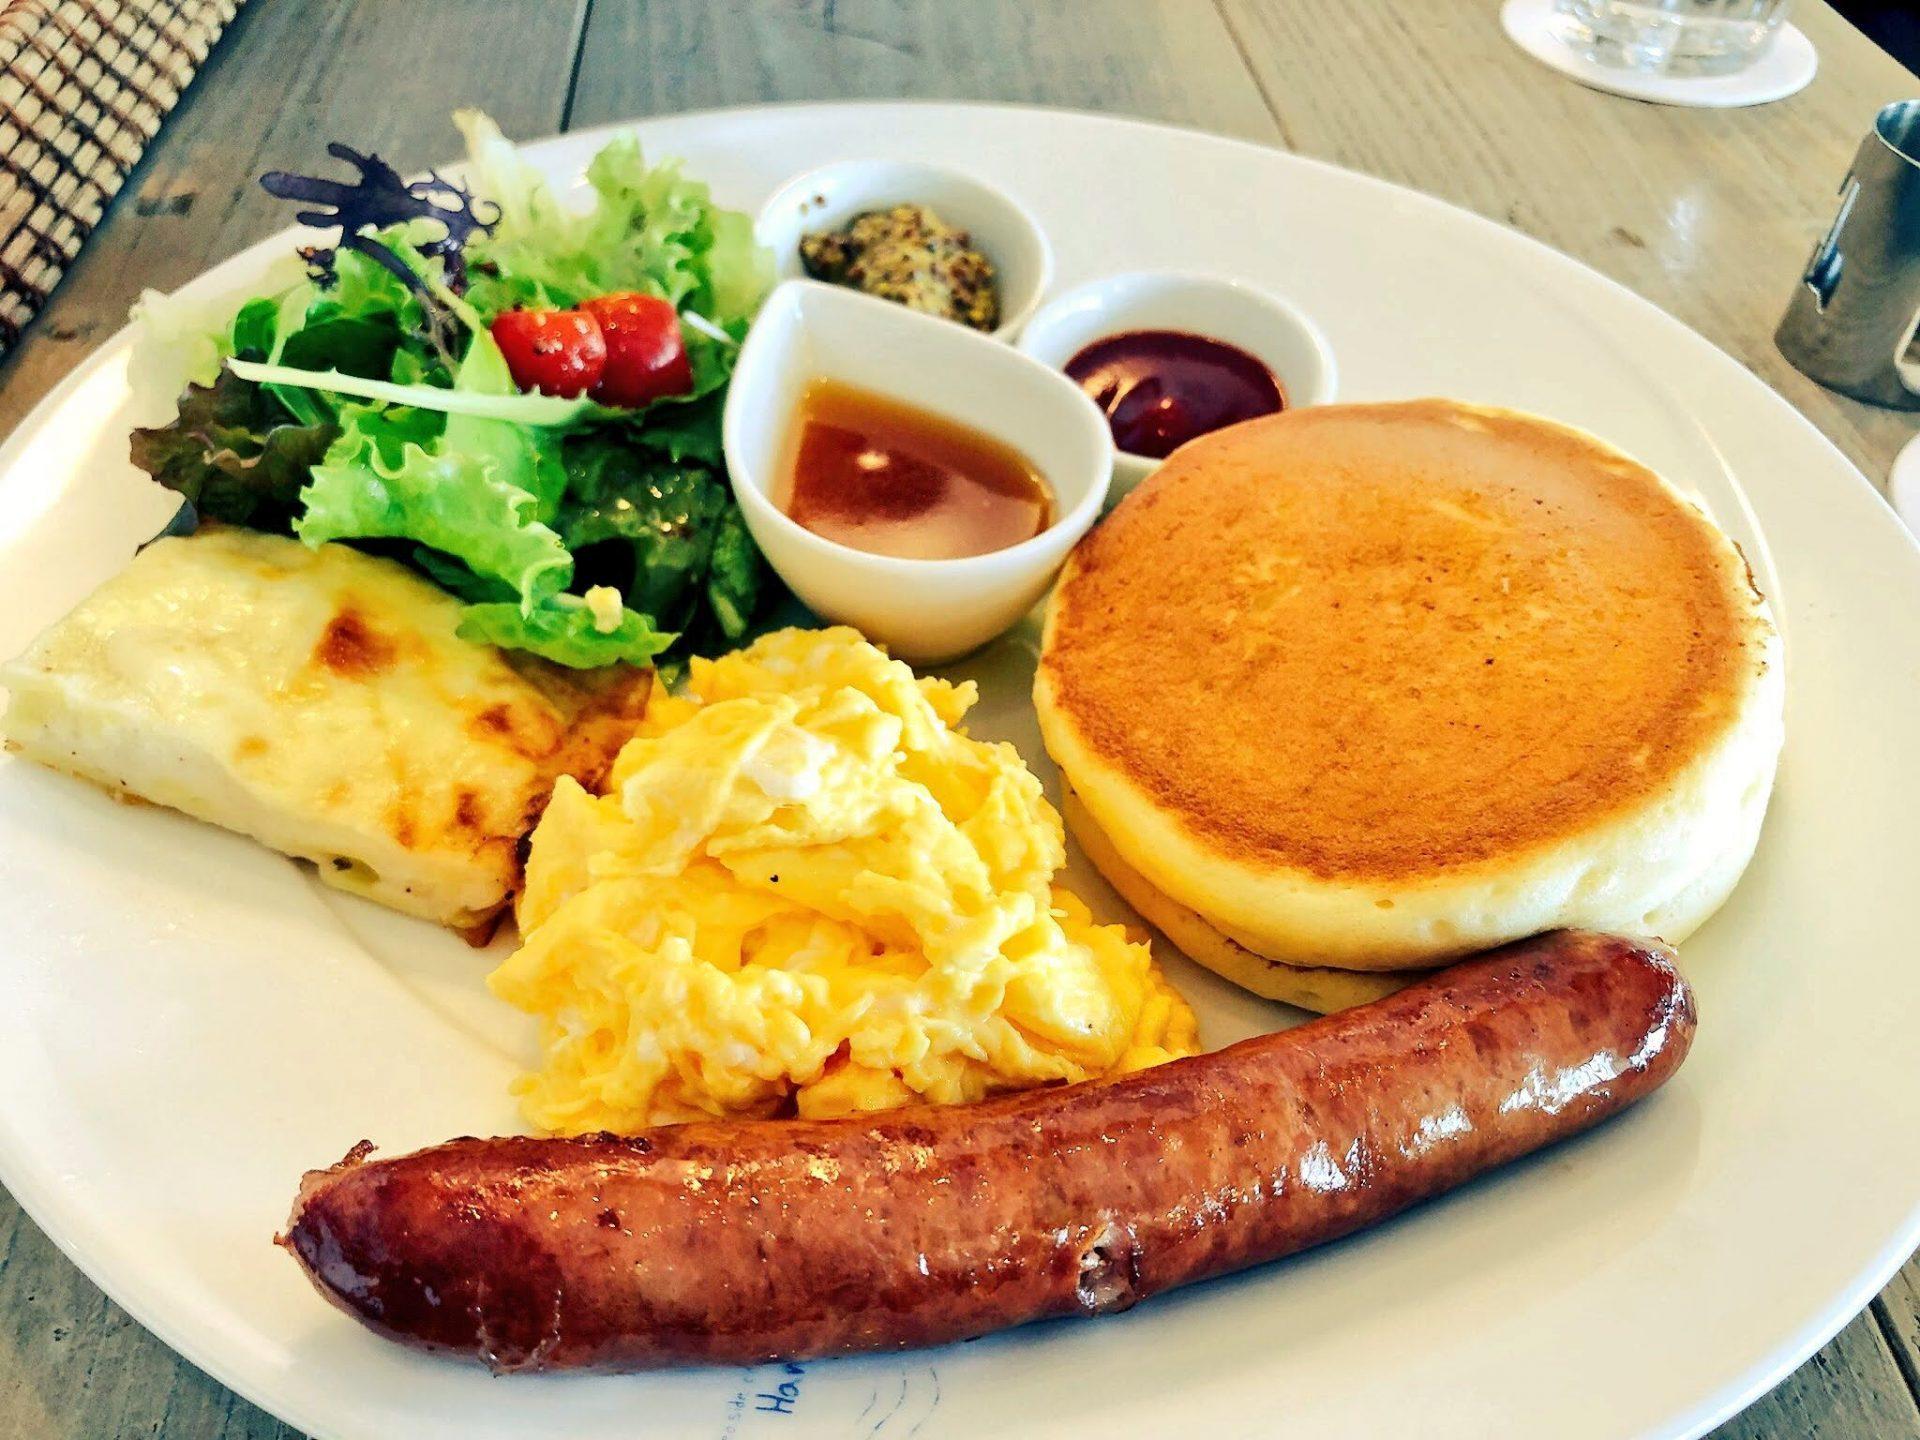 Seaside cafe Hanon シーサイドカフェハノン パンケーキ 北谷町 ランチ 昼ご飯 おすすめ 沖縄